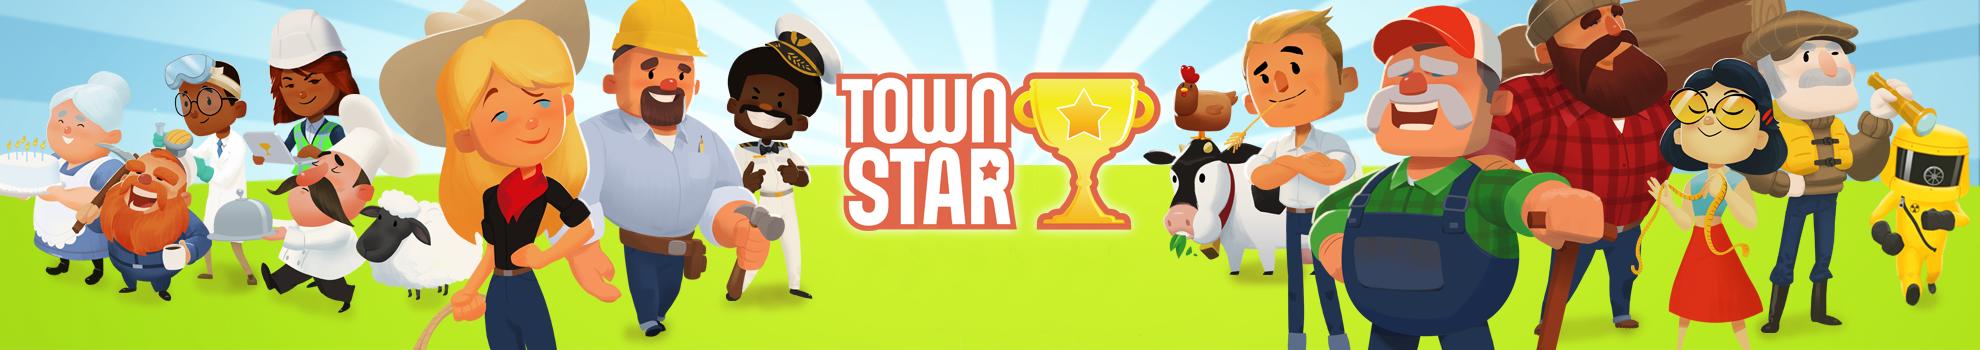 Town Star banniere